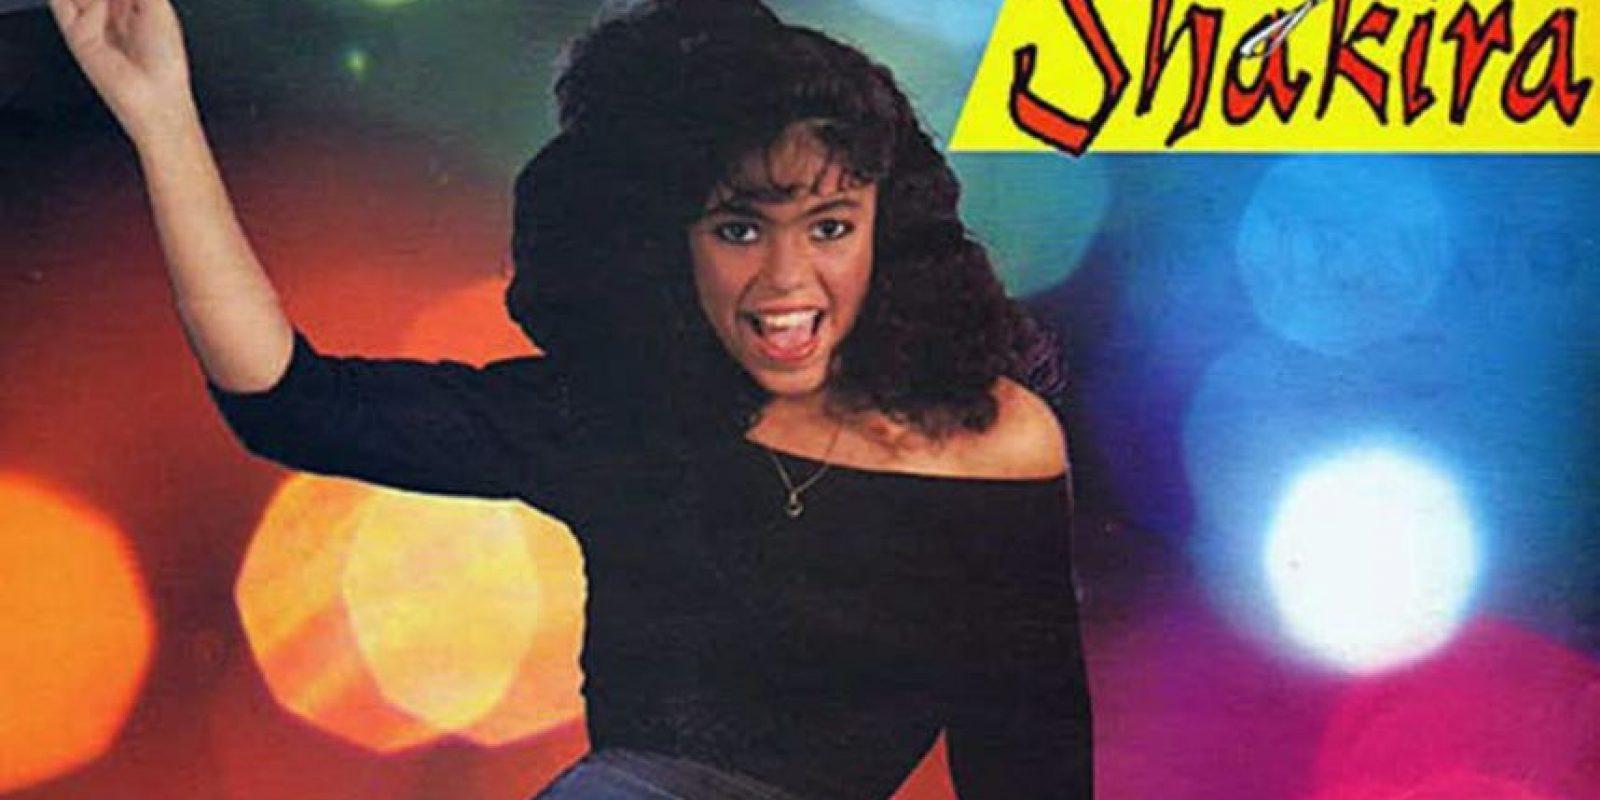 """Shakira comenzó muy joven, en Colombia, con su disco """"Magia"""", lanzado en 1991 Foto:Coveralia"""